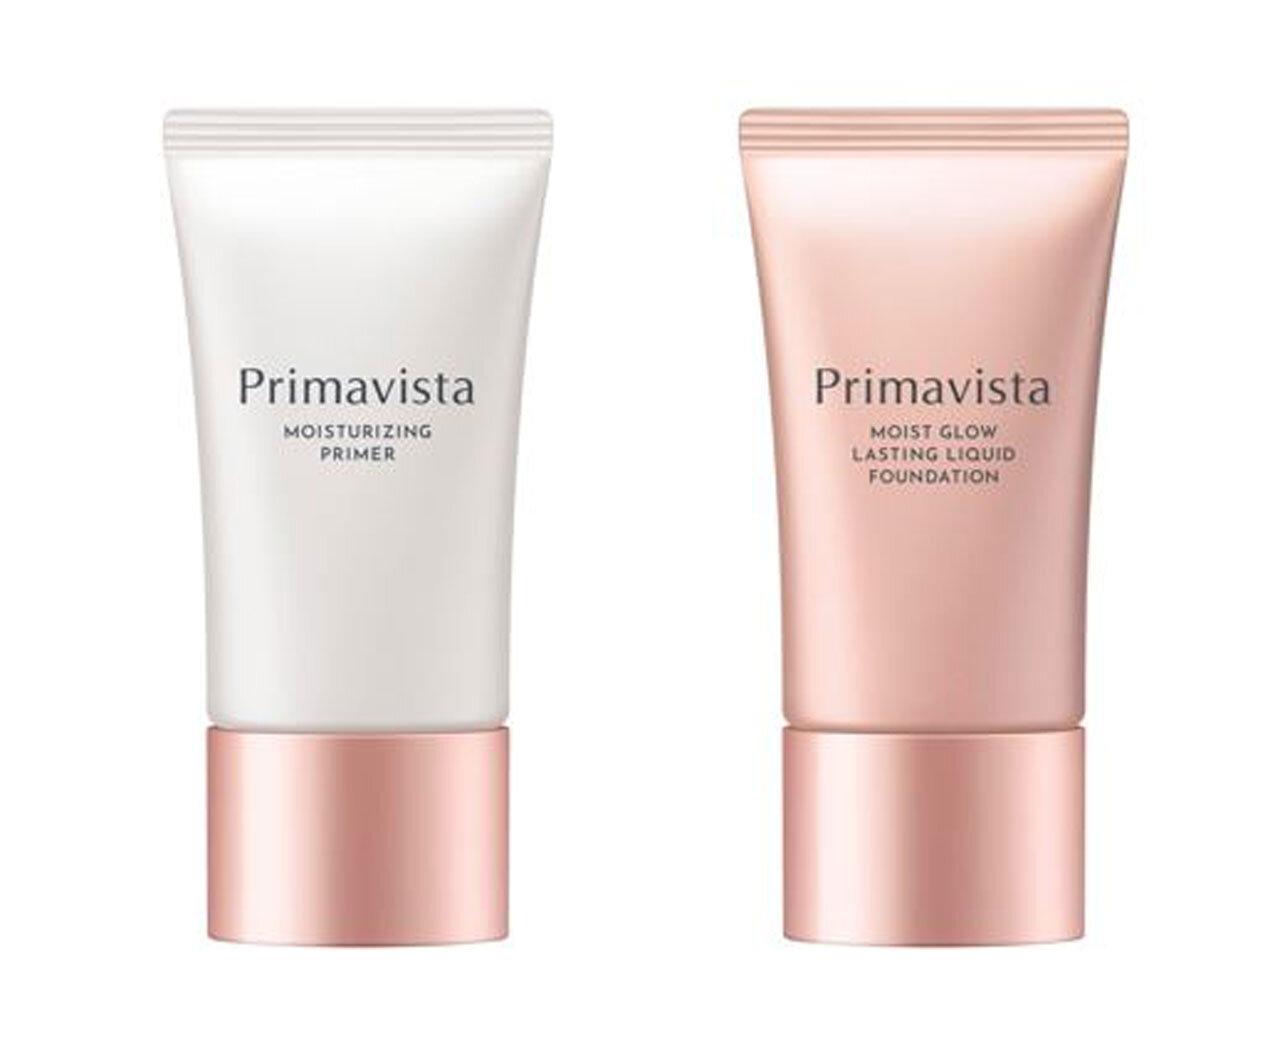 Primavista(プリマヴィスタ)『プリマヴィスタ スキンプロテクトベース<乾燥くずれ防止>』『プリマヴィスタ モイストグロウ ラスティング リキッド』